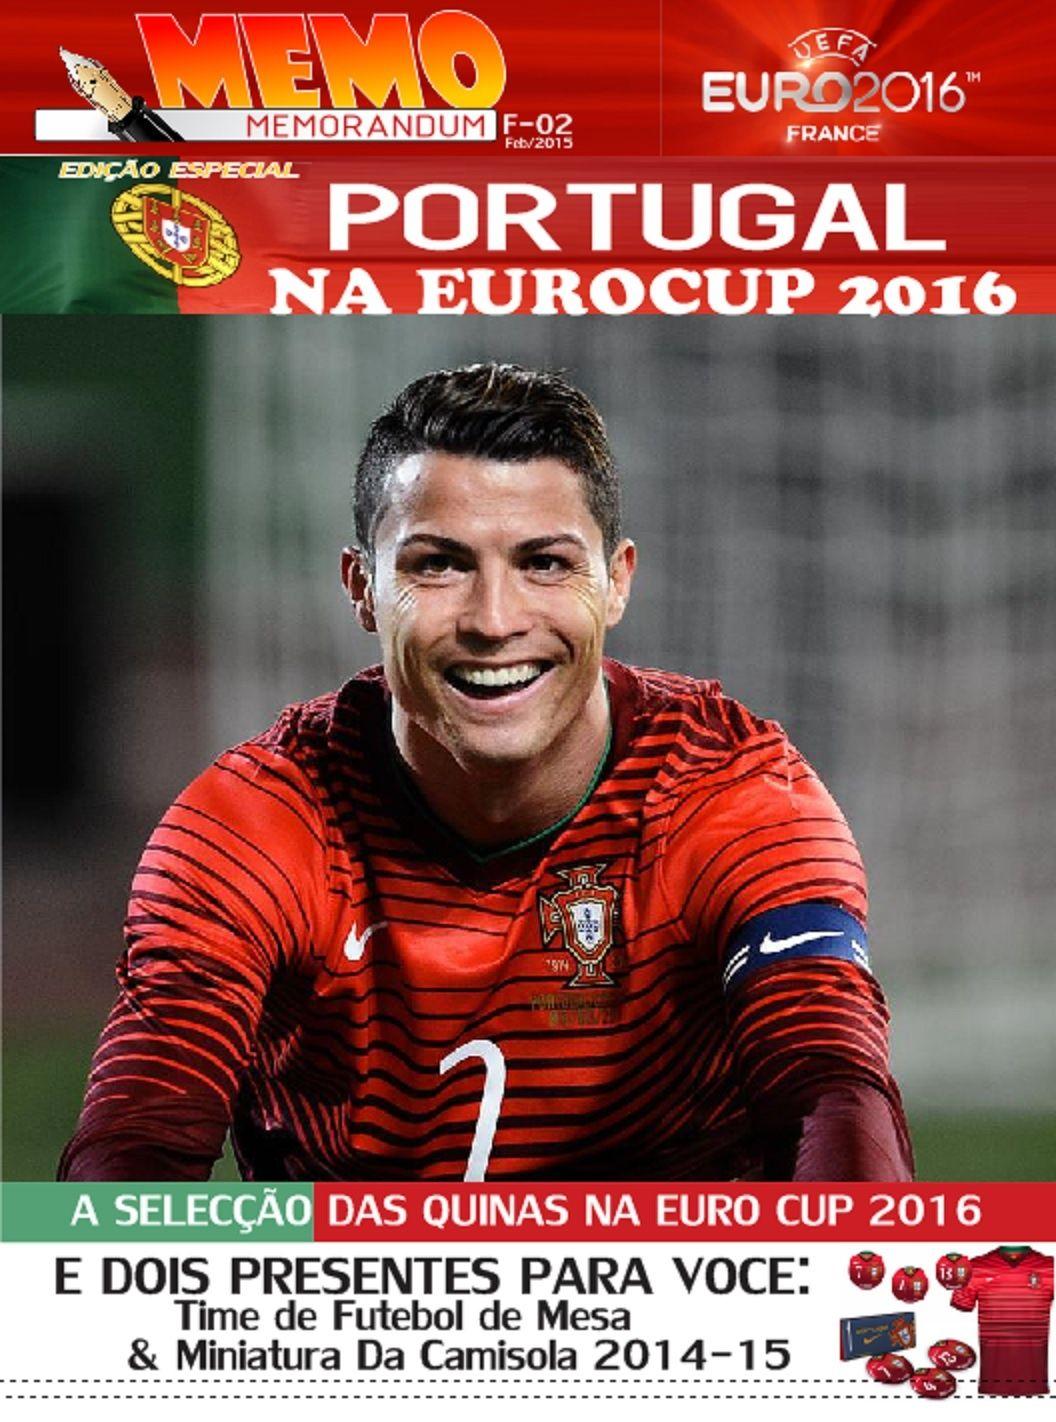 MEMO Euro Cup 2016 / PORTUGAL